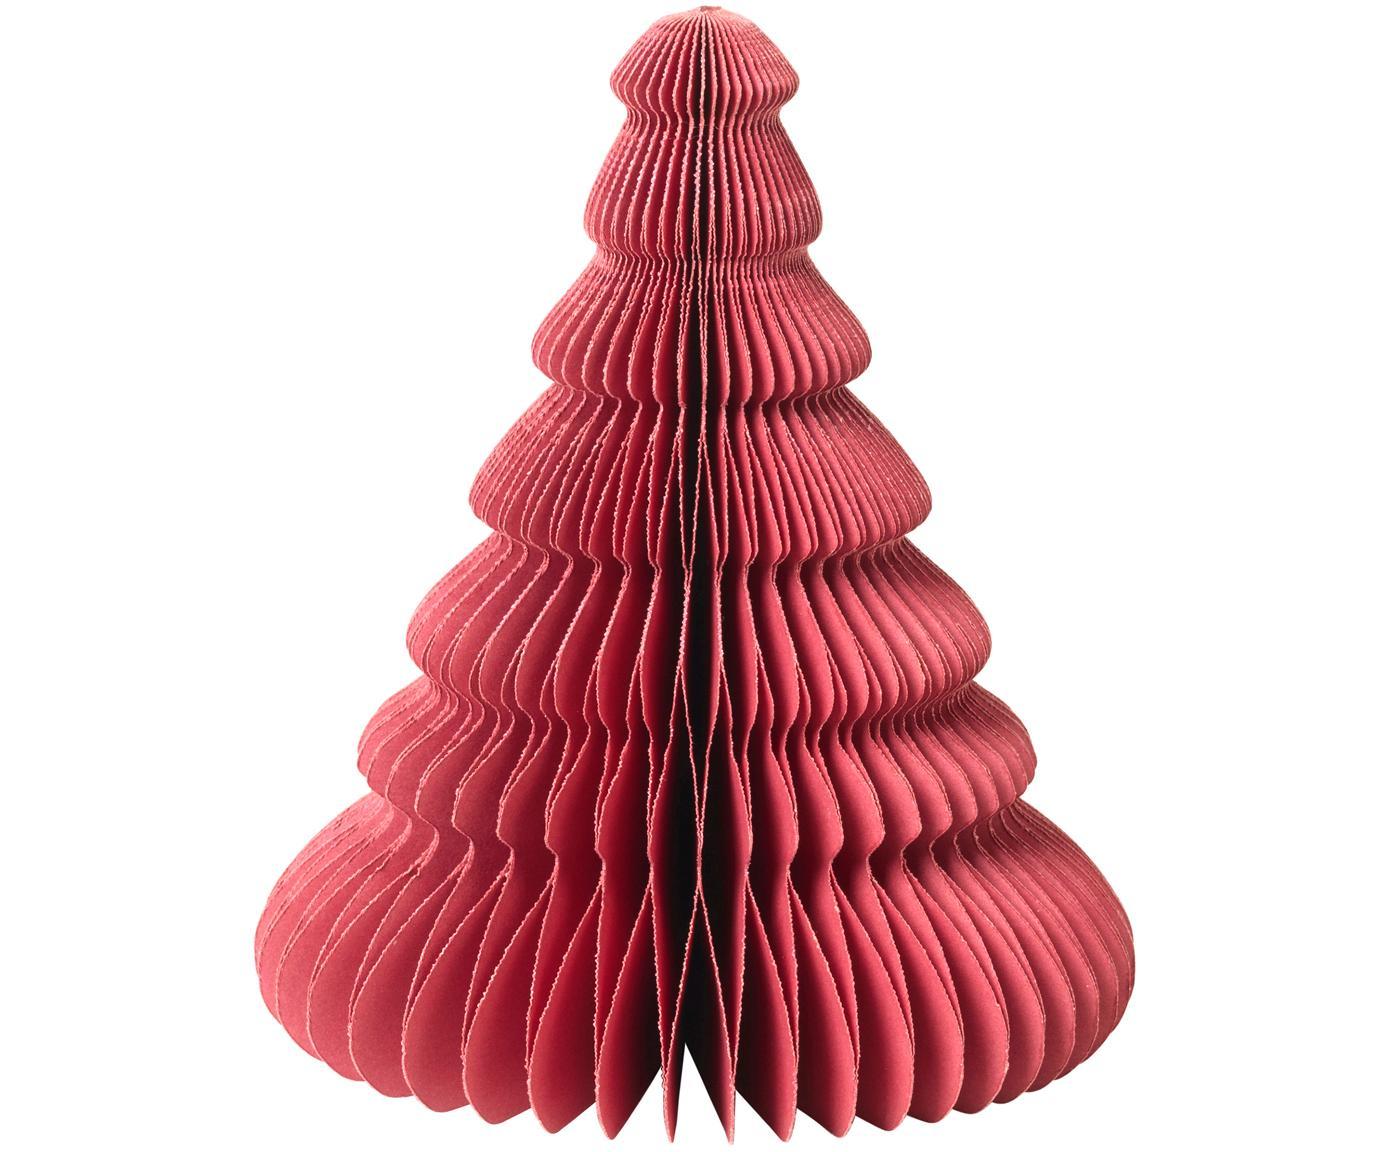 Dekoracja Paper Pine, Papier, Czerwony, Ø 13 x W 15 cm